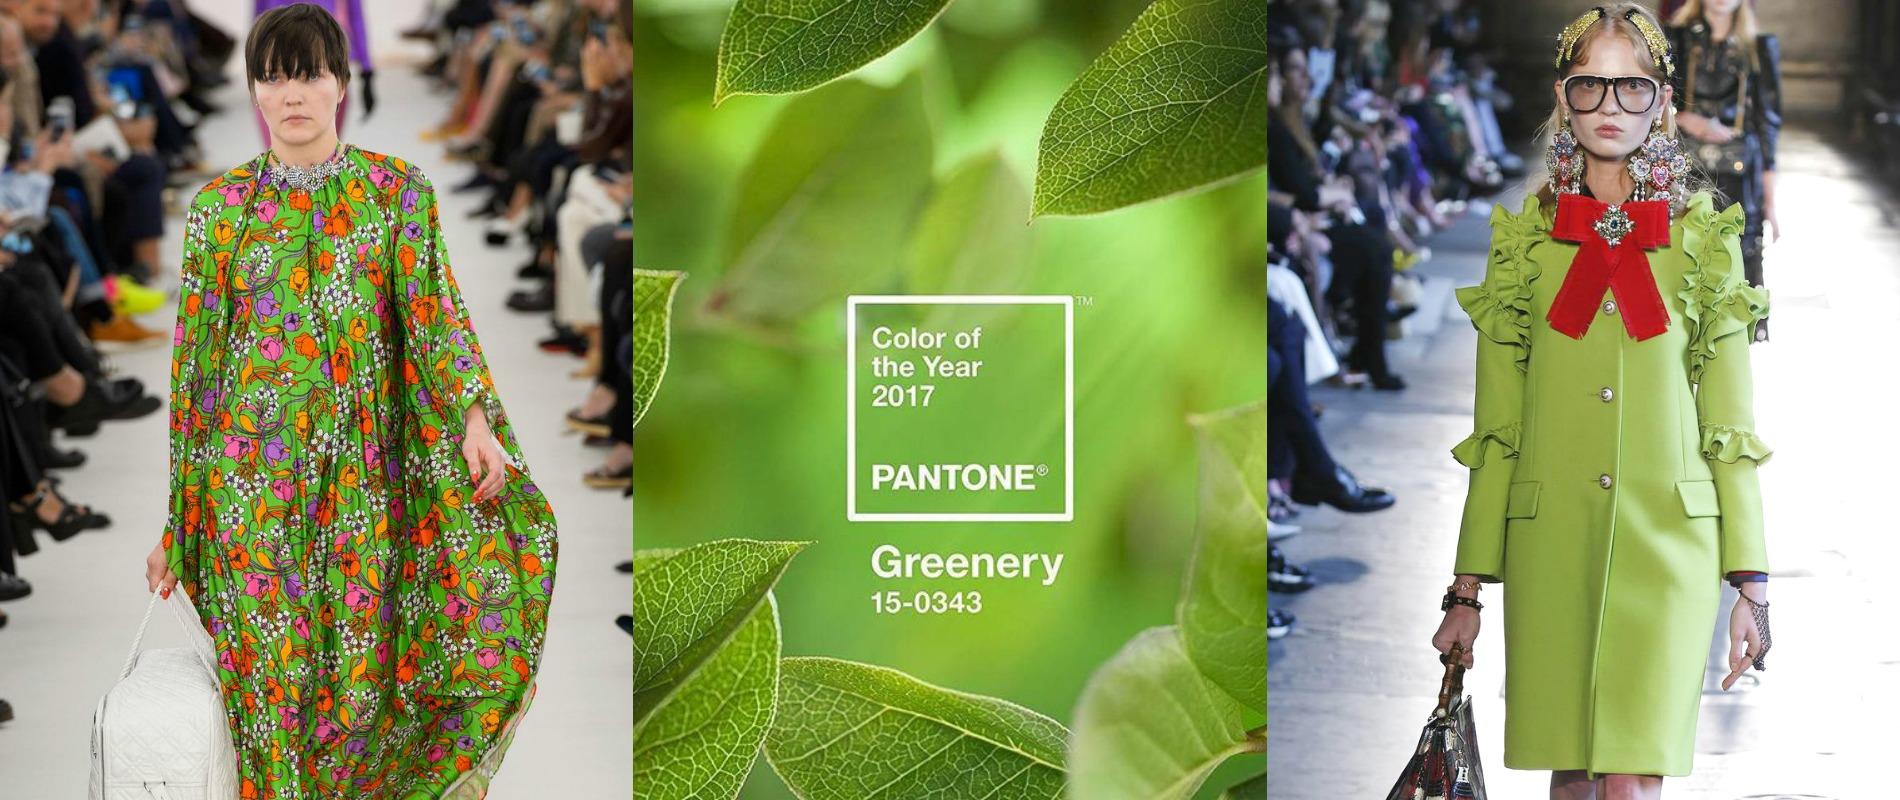 Couleur Pantone De L Année 2017 vert greenery ? c'est la couleur de l'année 2017 selon